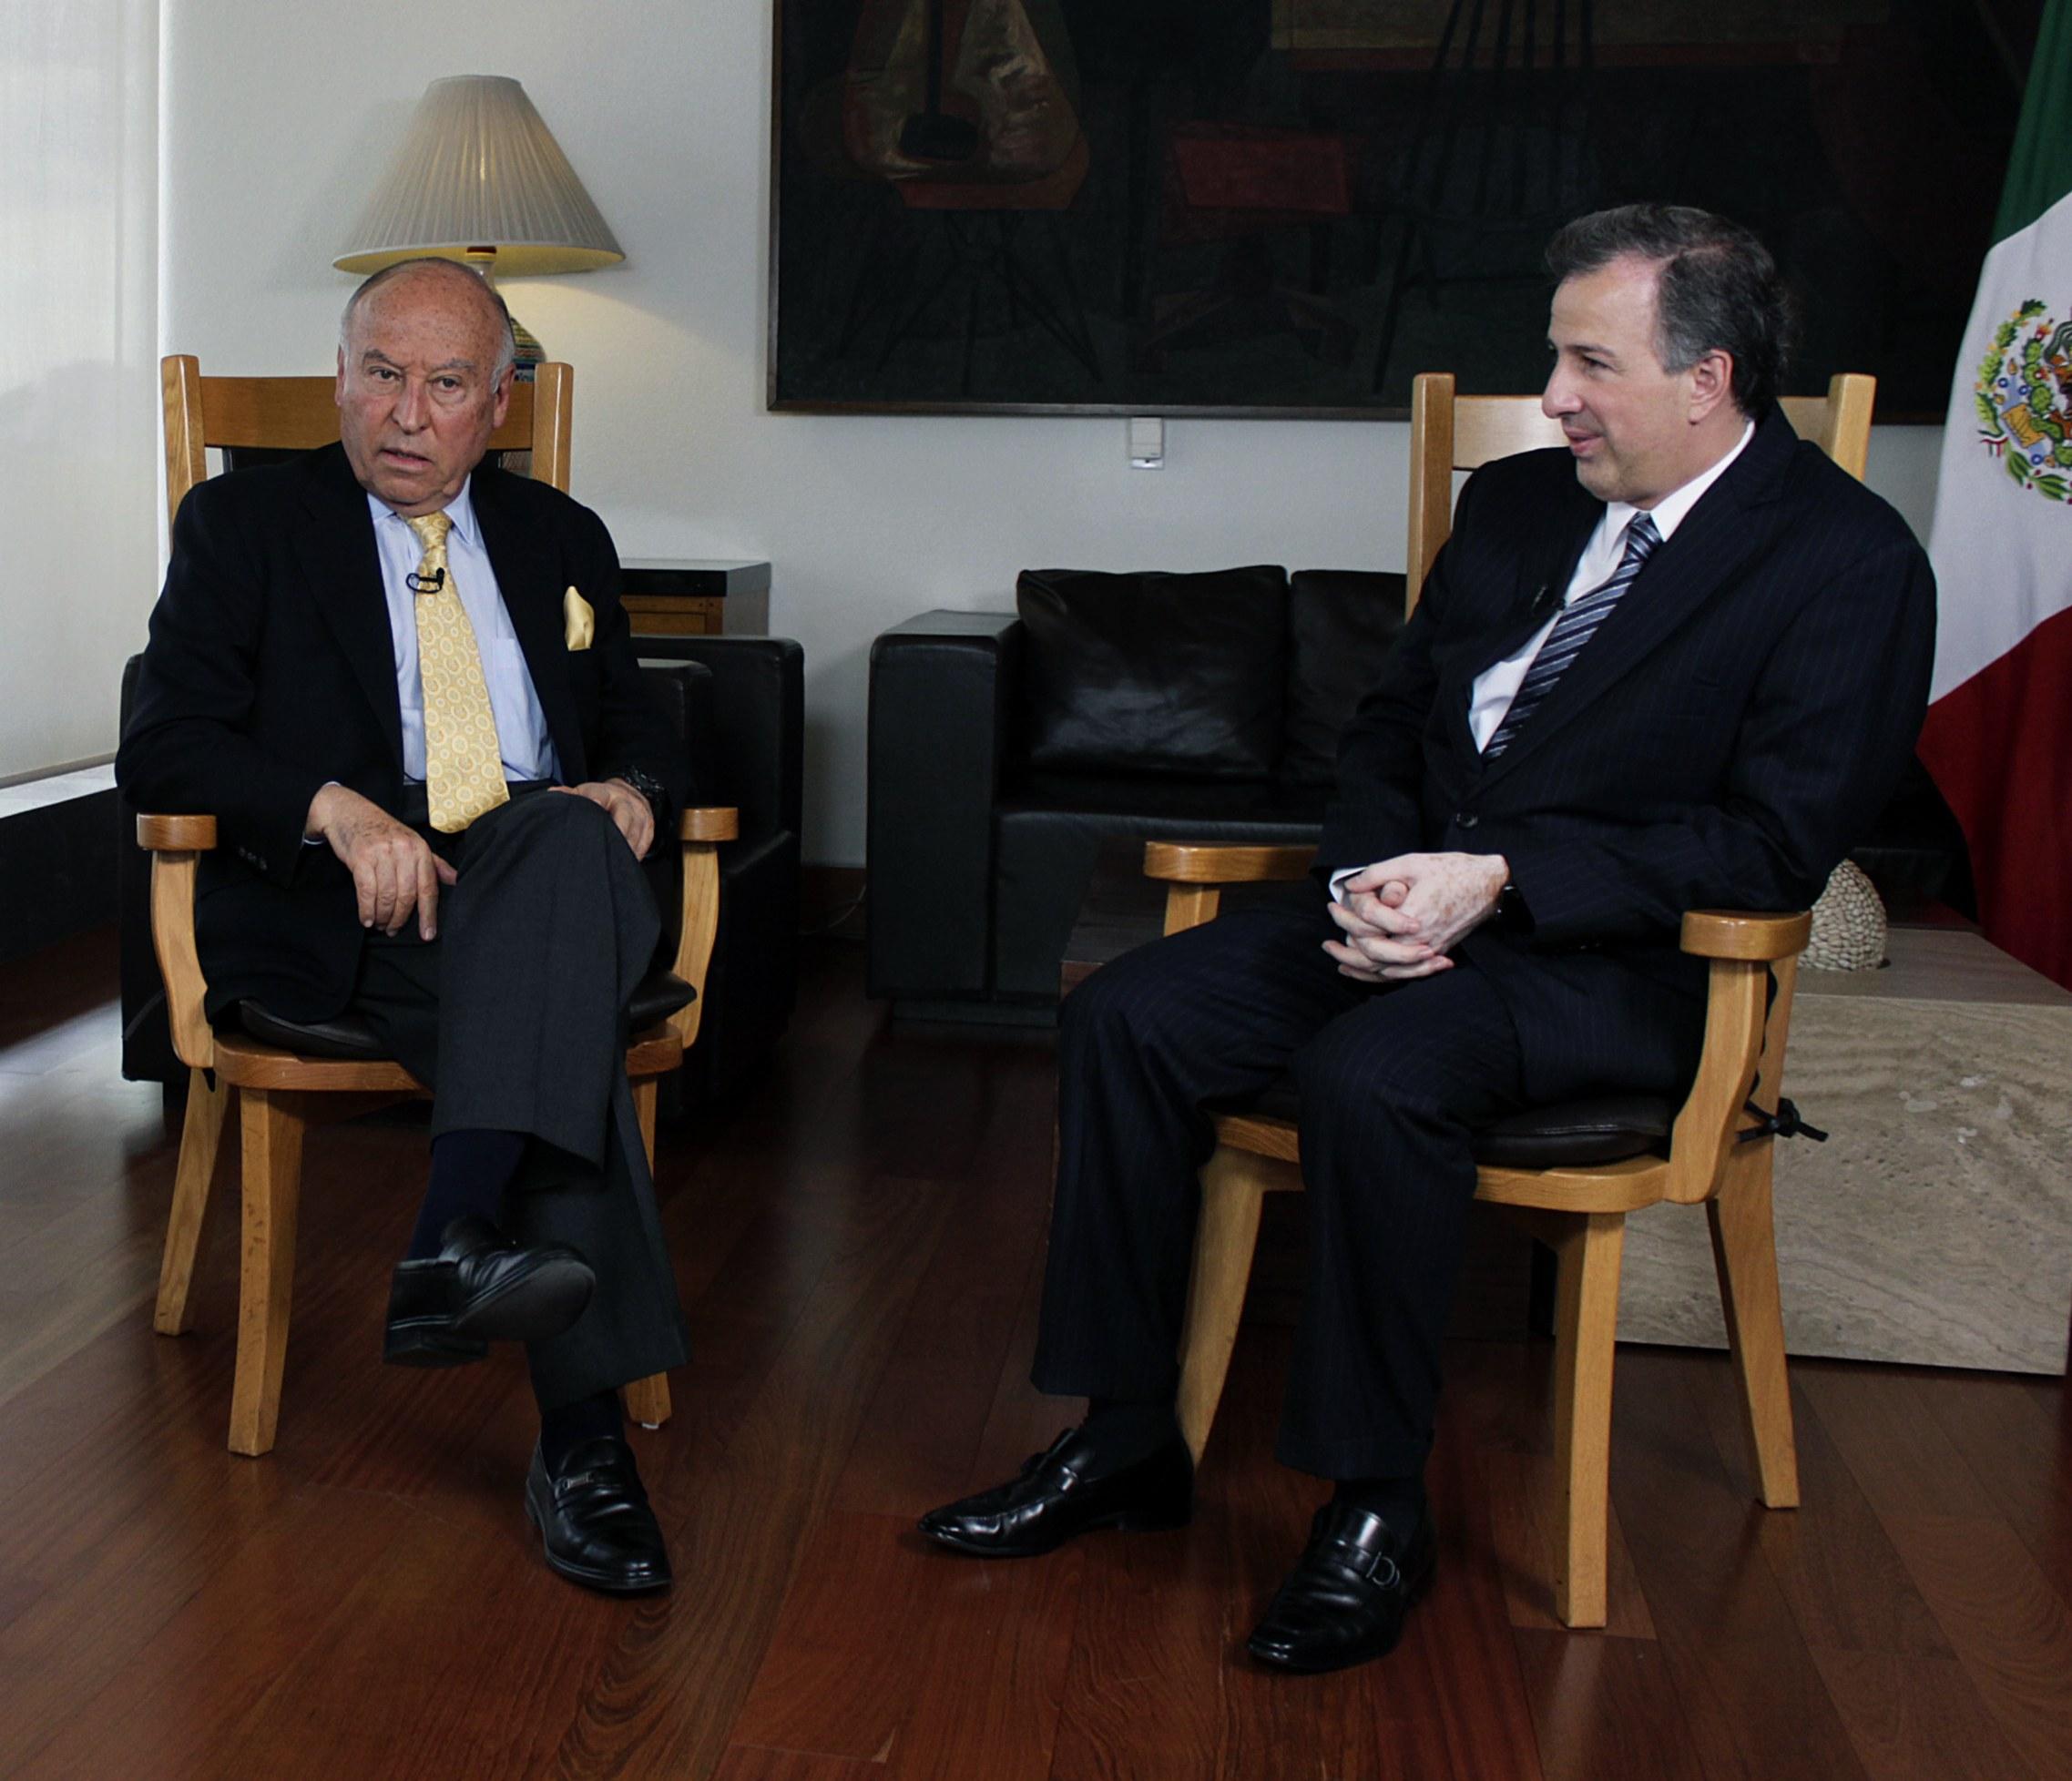 FOTO Canciller Jos  Antonio Meade con el presidente ejecutivo del CAF Banco de Desarrollo de Am rica Latina  Enrique Garc a Rodr guezjpg